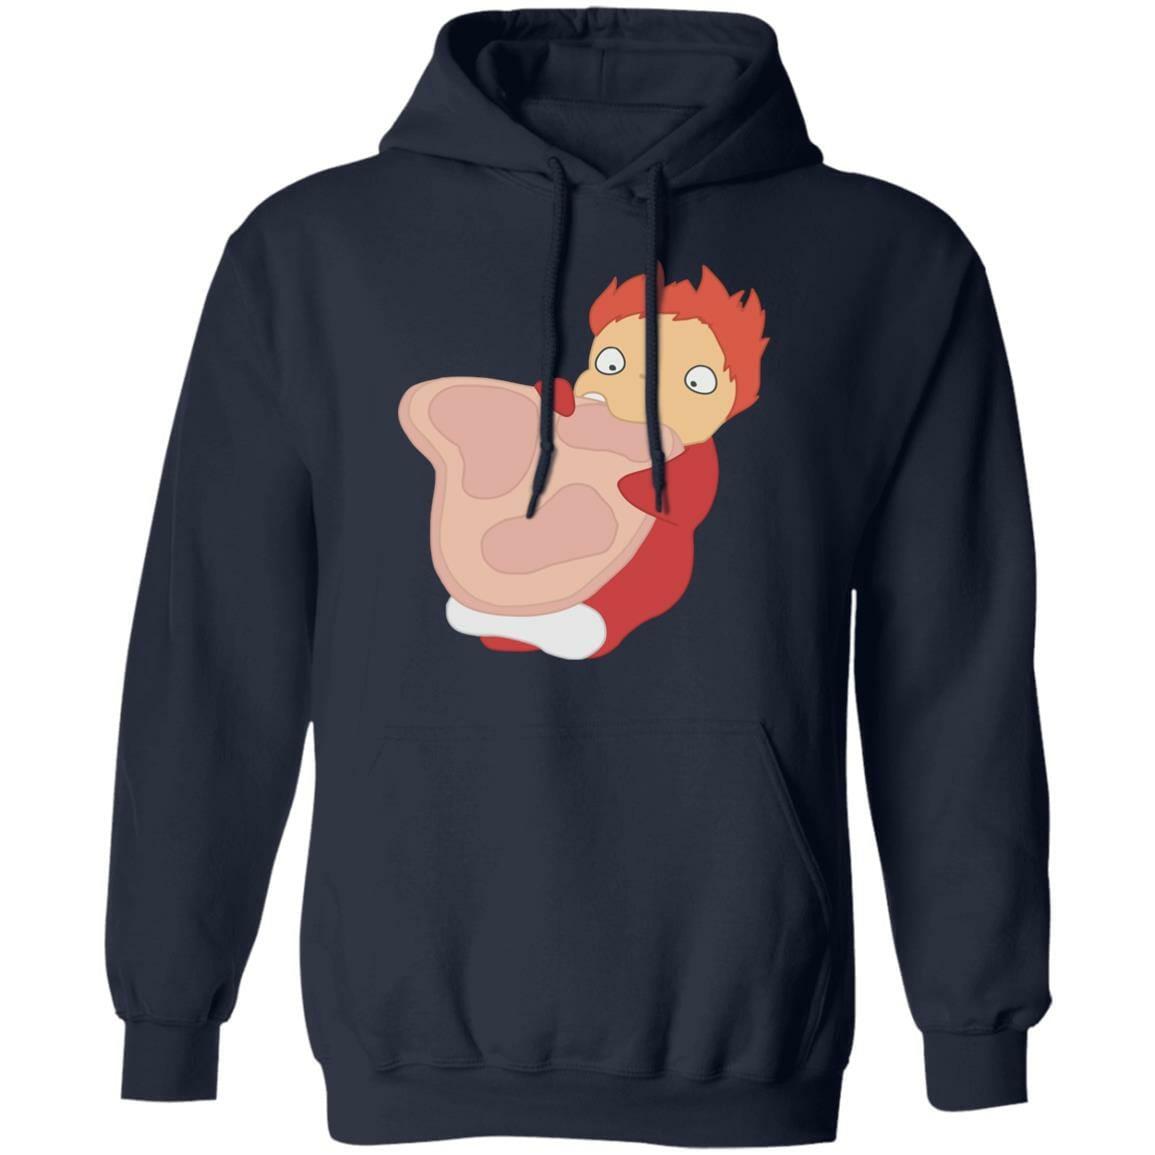 The Hungry Ponyo Hoodie